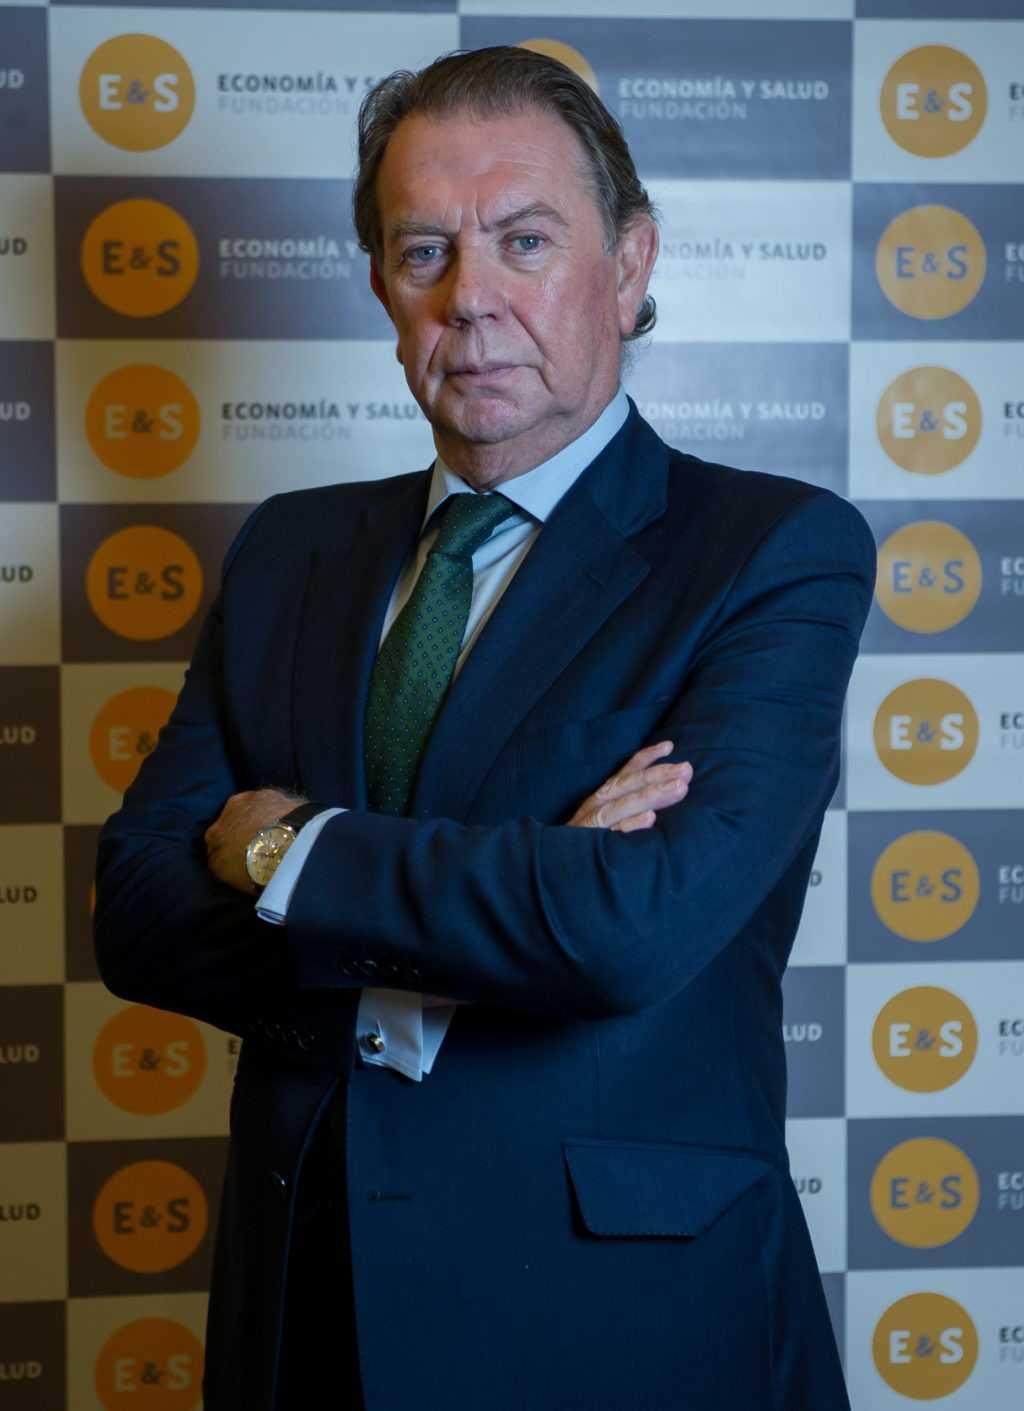 Declaraciones del presidente de la Fundación Economía y Salud, Alberto Giménez Artés